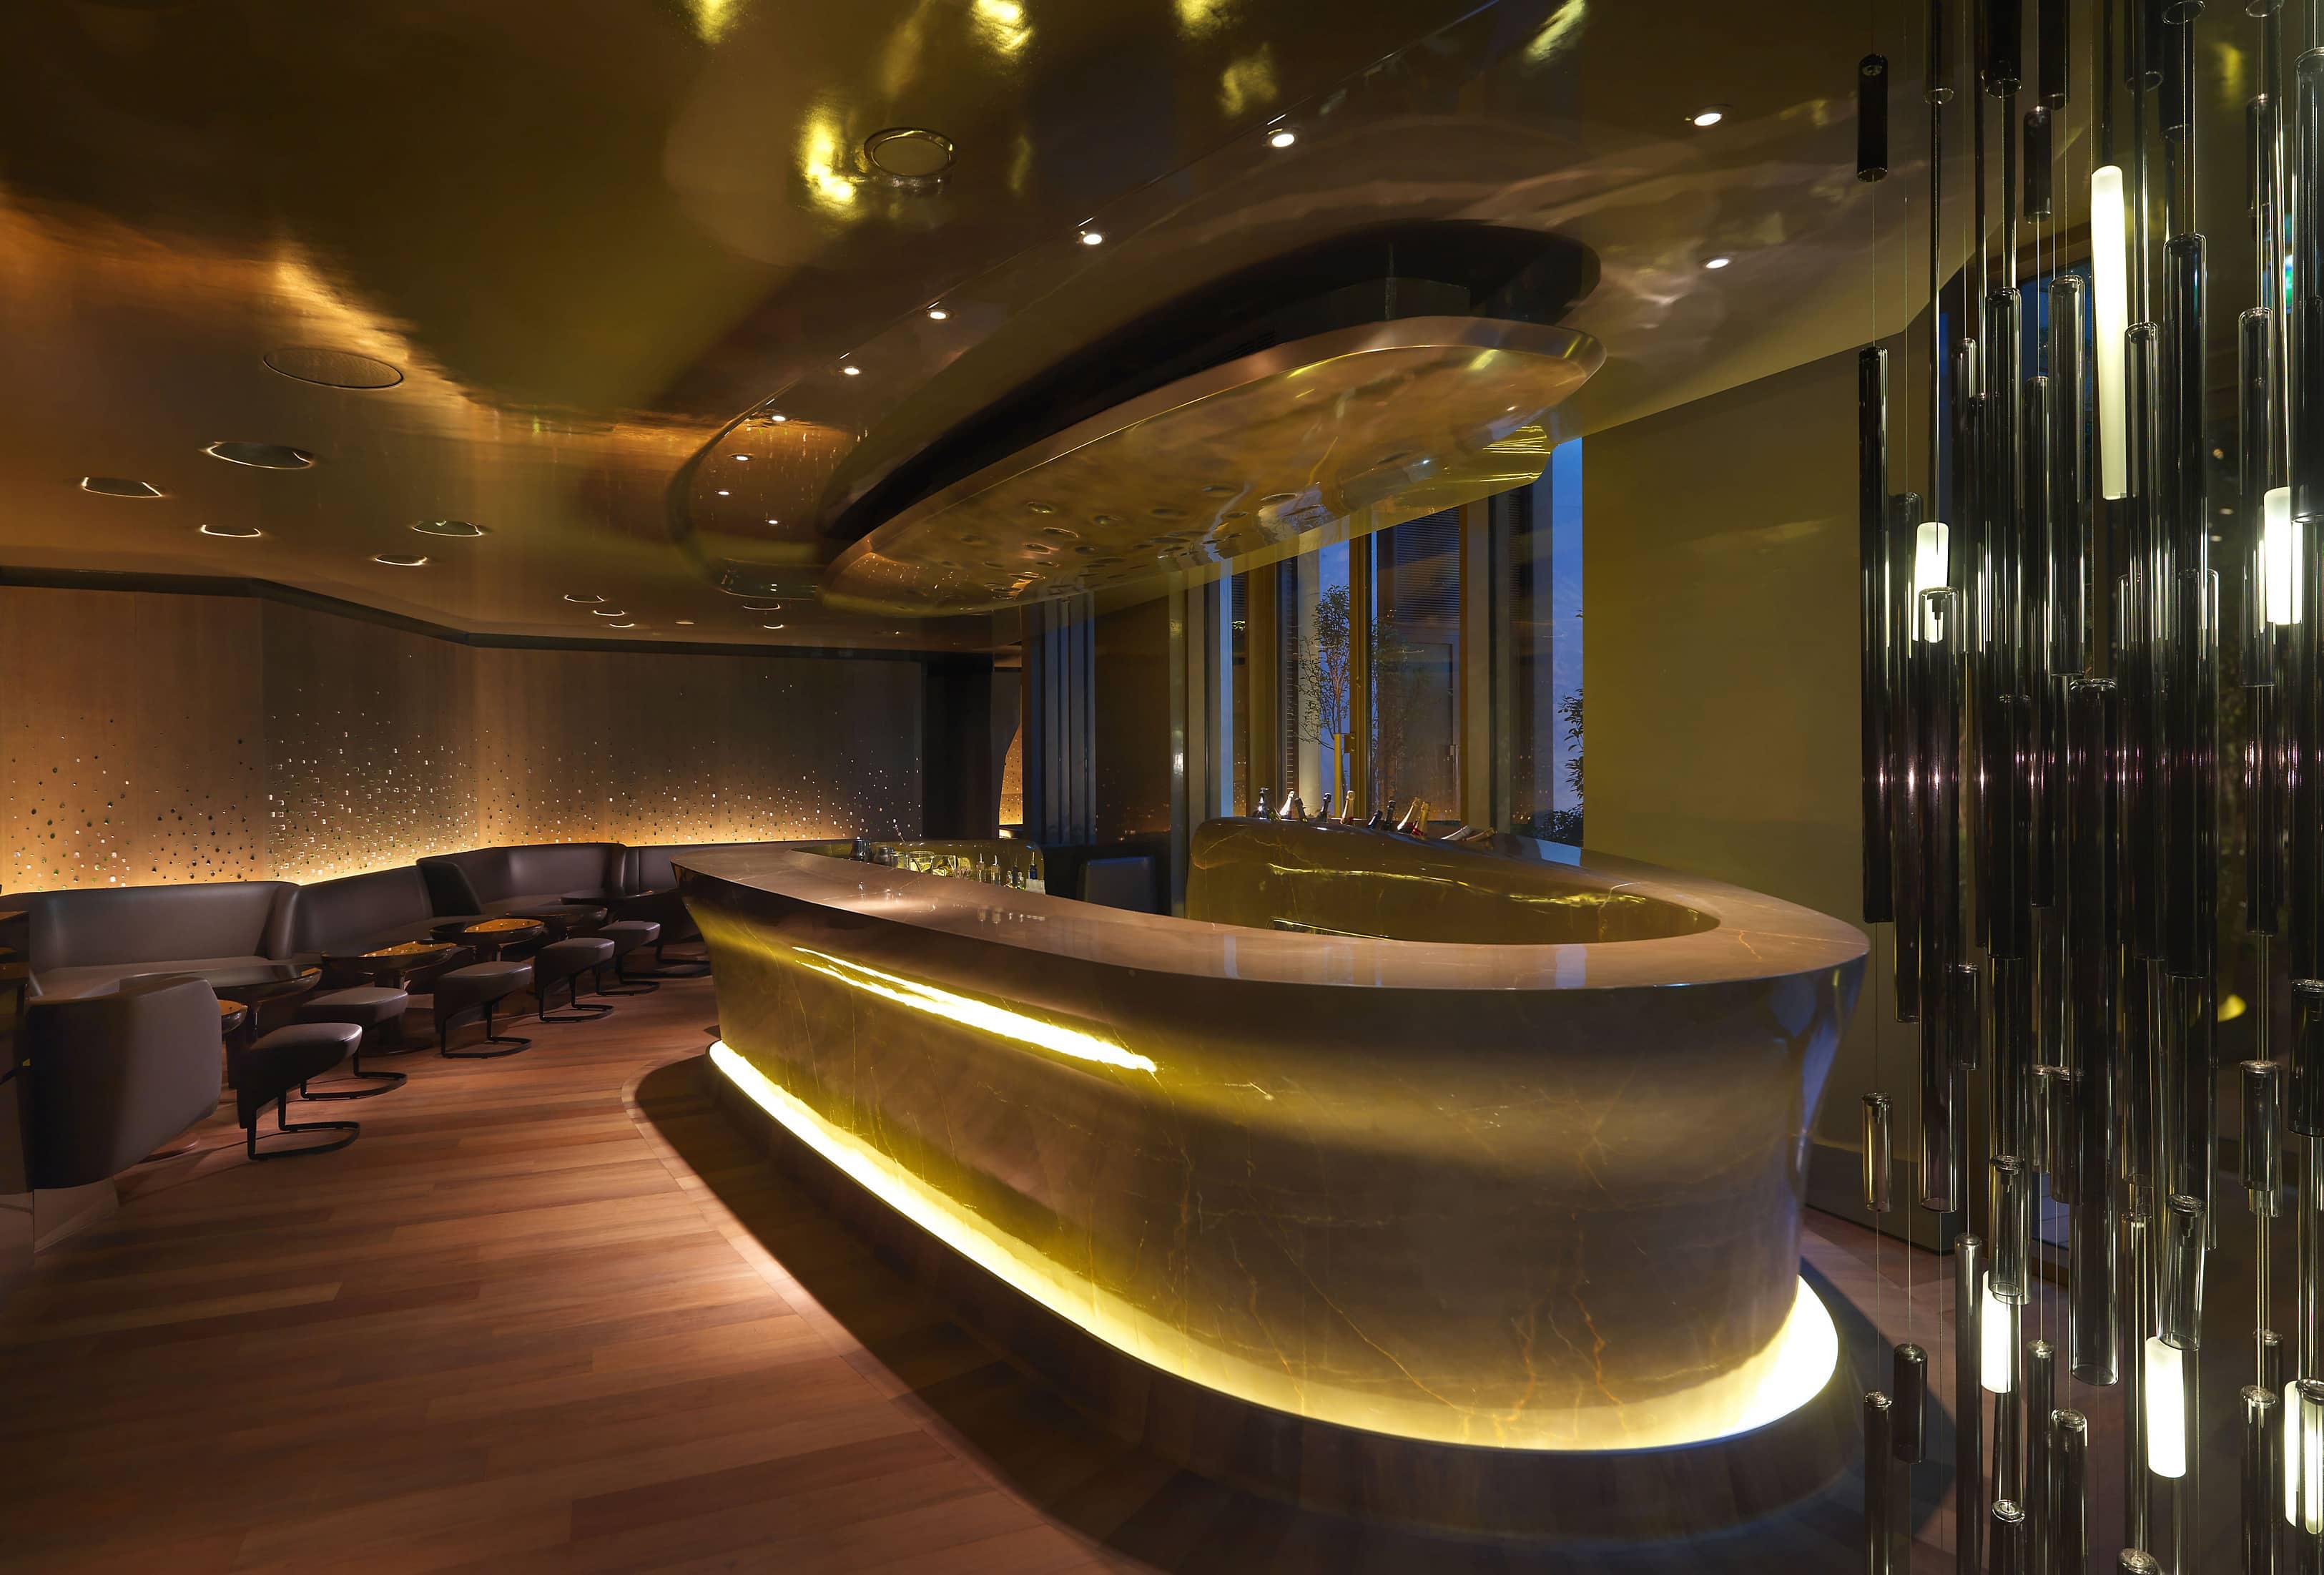 galeria de fotos do hotel em paris hotel mandarin. Black Bedroom Furniture Sets. Home Design Ideas